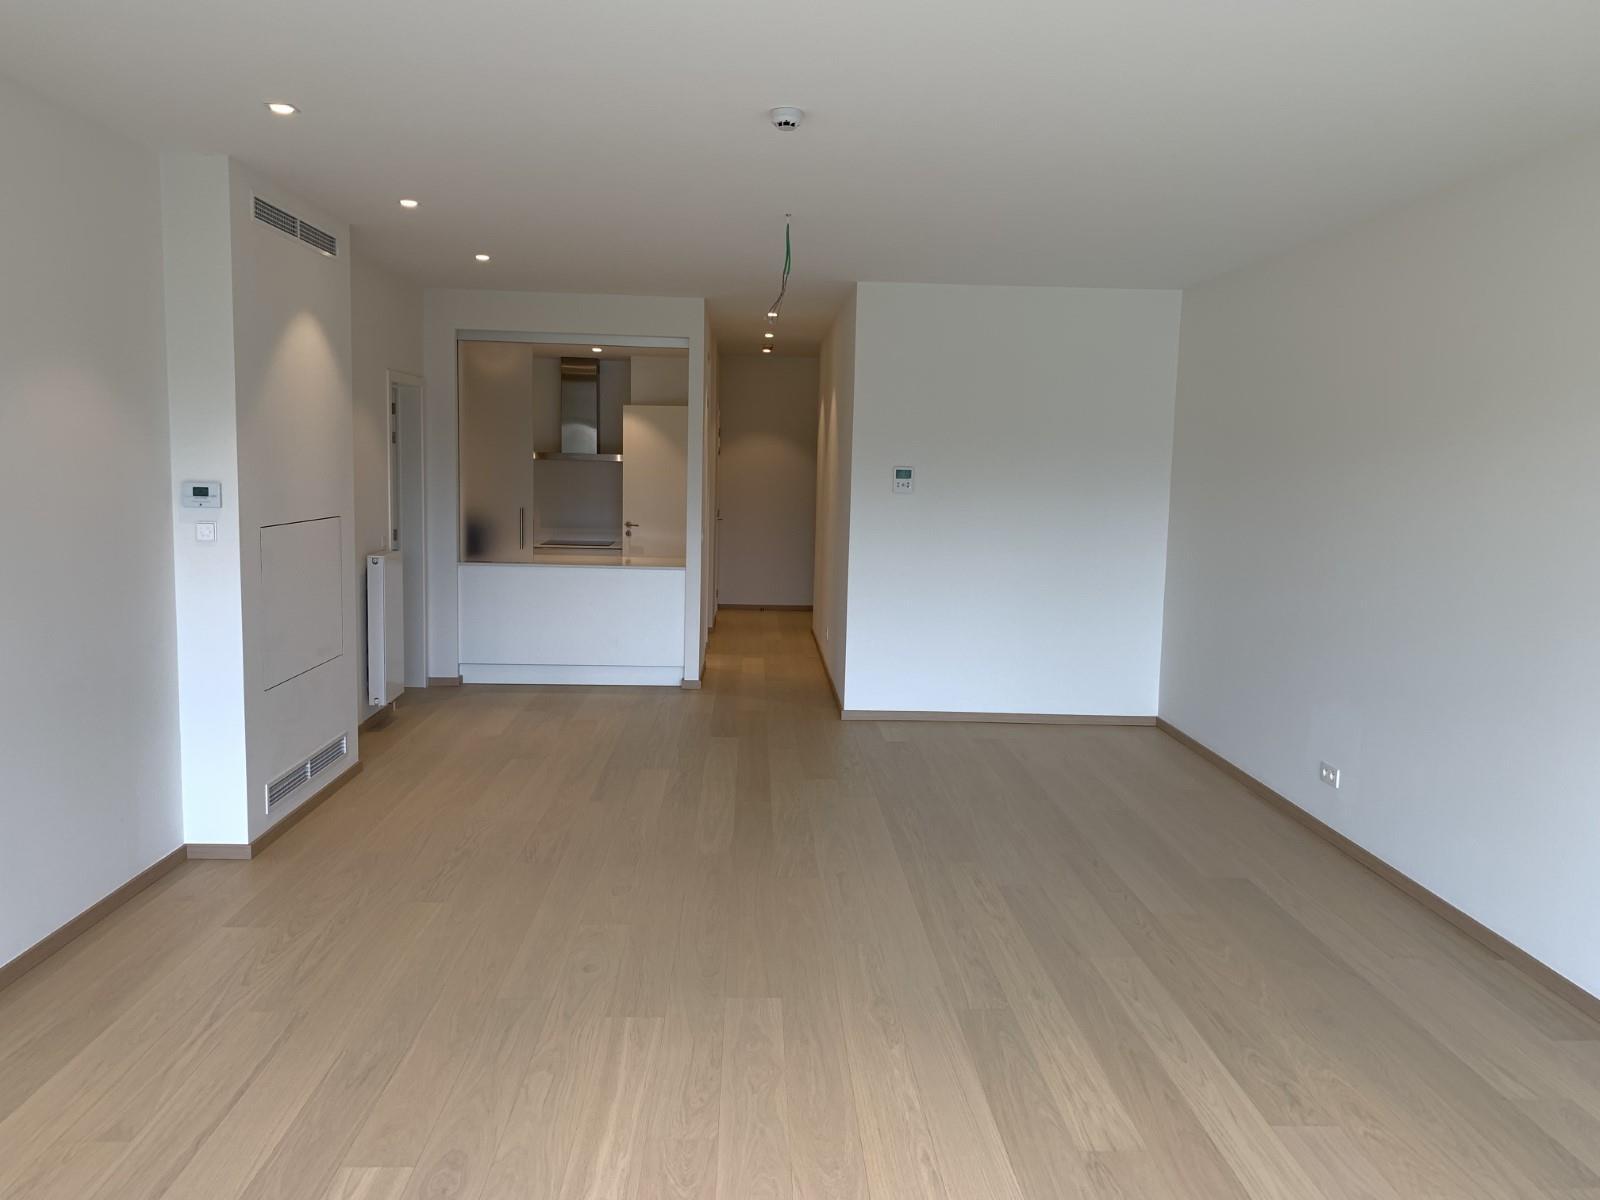 Appartement exceptionnel - Ixelles - #3851241-1